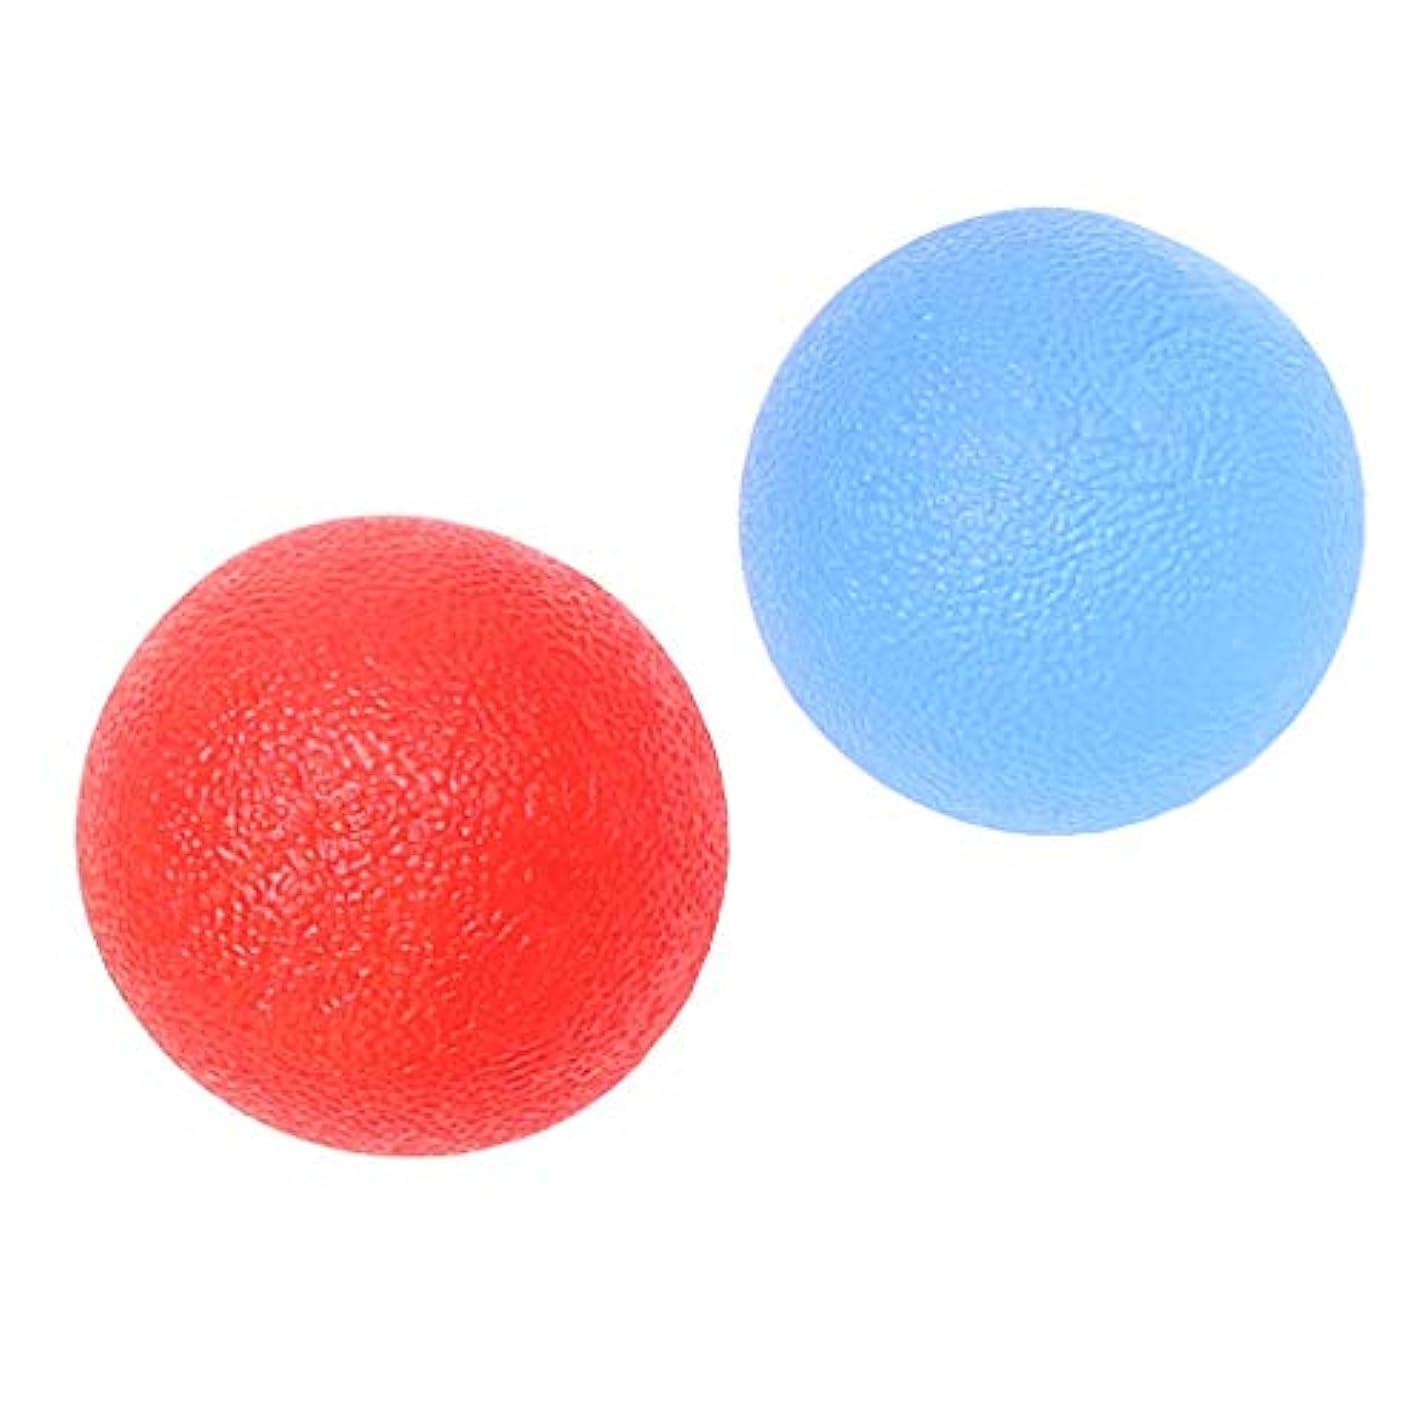 大コウモリ娯楽Perfeclan ハンドエクササイズボール ハンドグリップ シリコン 指トレーニング ストレス緩和 贈り物 2個入